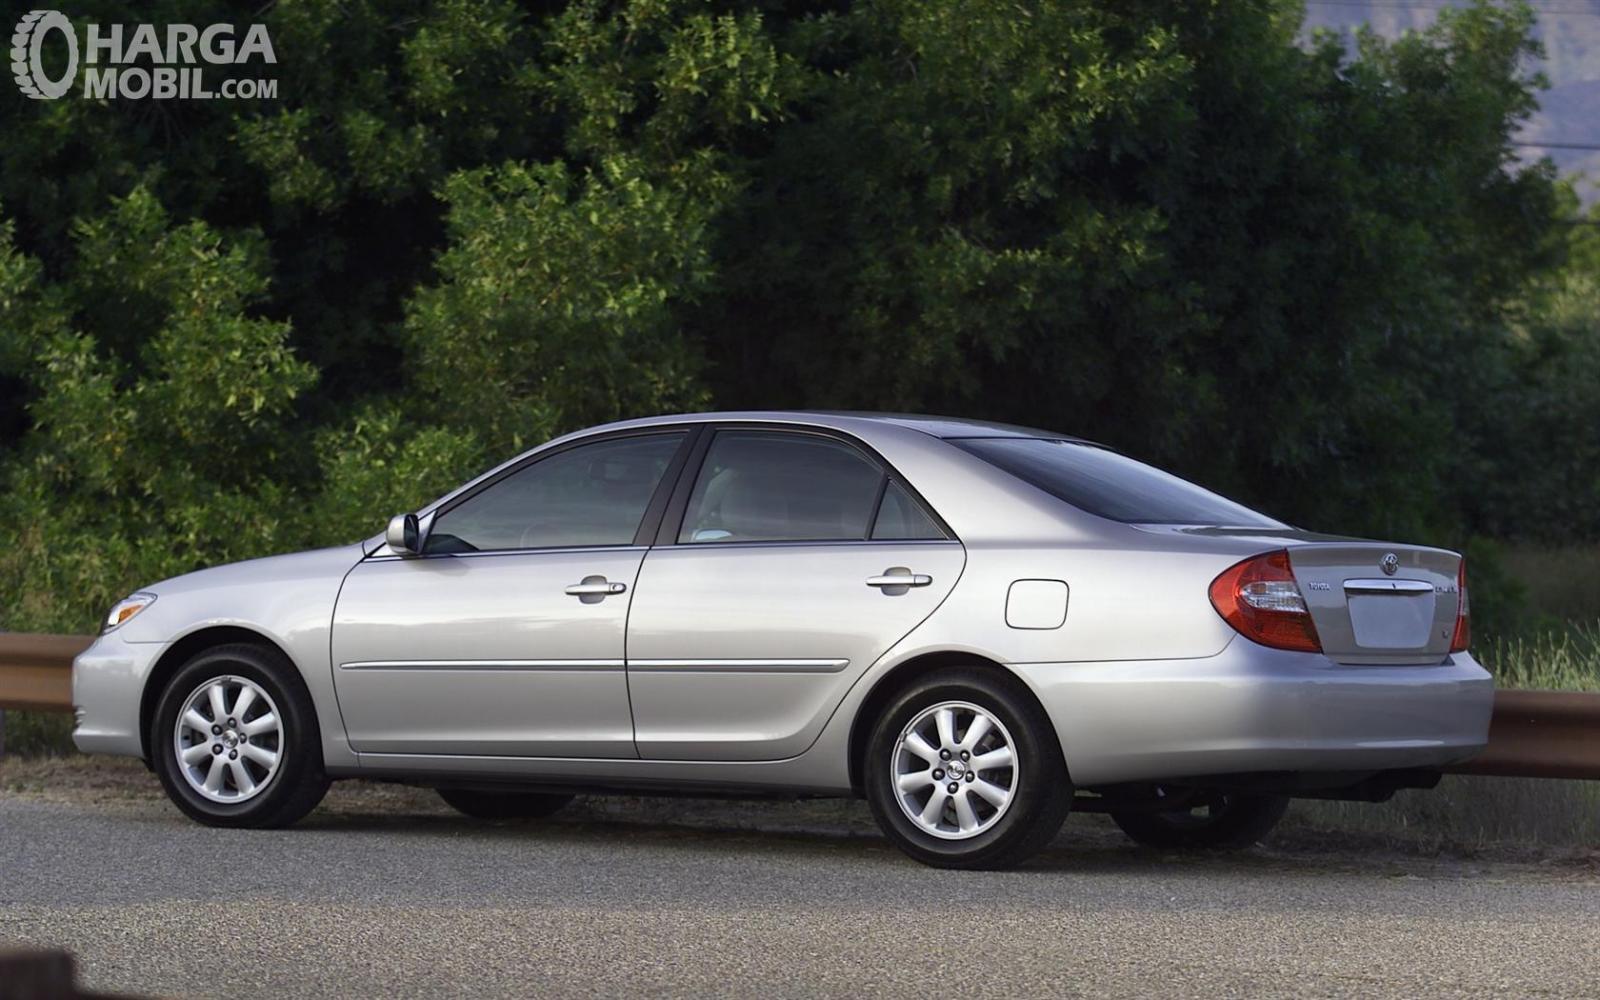 Foto Toyota Camry 2002 tampak dari samping